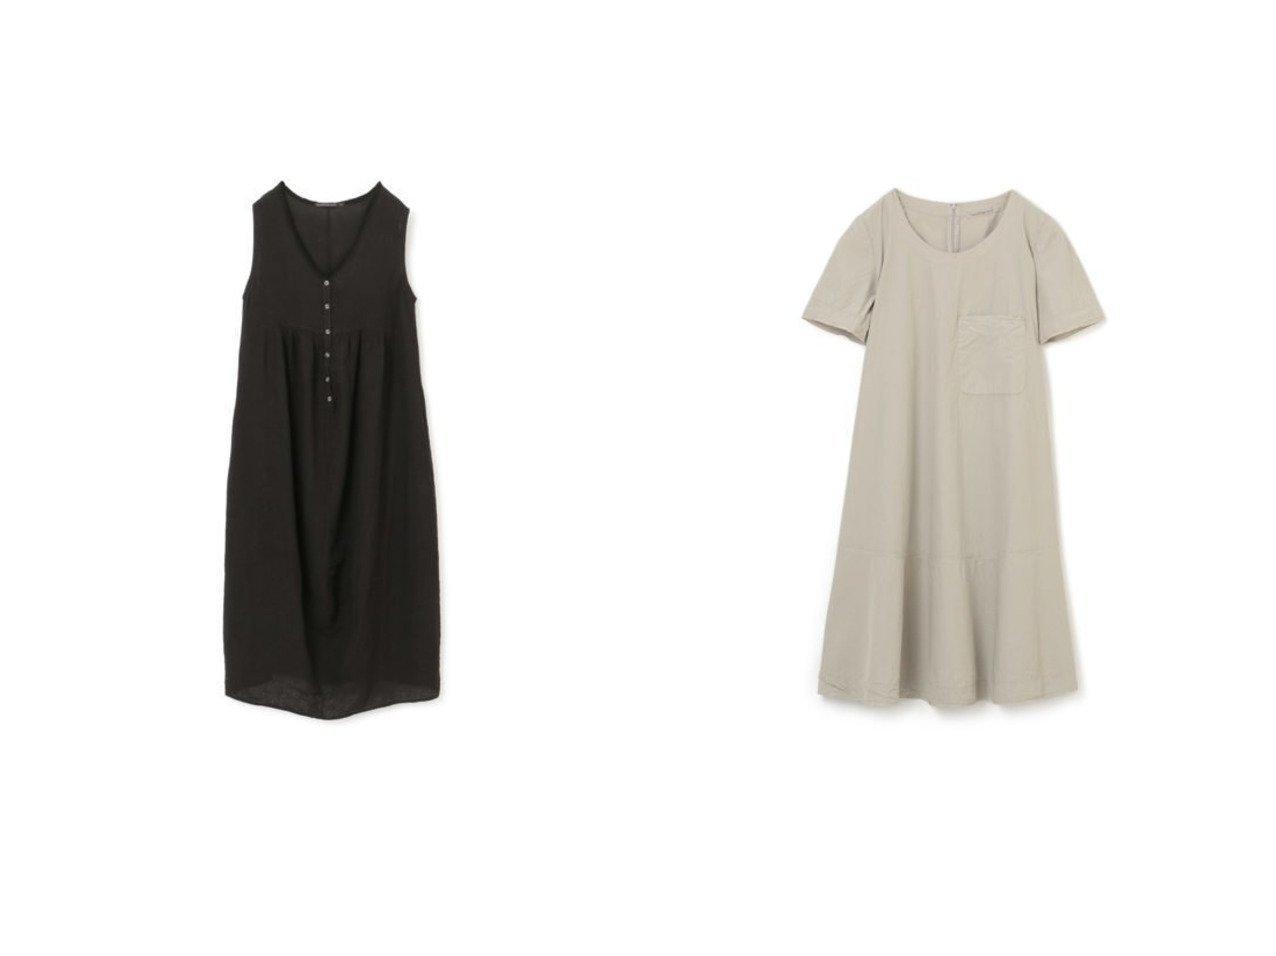 【TRANSIT PAR SUCH/トランジット パーサッチ】のONE PIECE&ONE PIECE 【ワンピース・ドレス】おすすめ!人気、トレンド・レディースファッションの通販 おすすめで人気の流行・トレンド、ファッションの通販商品 インテリア・家具・メンズファッション・キッズファッション・レディースファッション・服の通販 founy(ファニー) https://founy.com/ ファッション Fashion レディースファッション WOMEN ワンピース Dress 2021年 2021 2021春夏・S/S SS/Spring/Summer/2021 S/S・春夏 SS・Spring/Summer トレンド フェミニン フレア ポケット ラウンド 半袖 洗える  ID:crp329100000045240